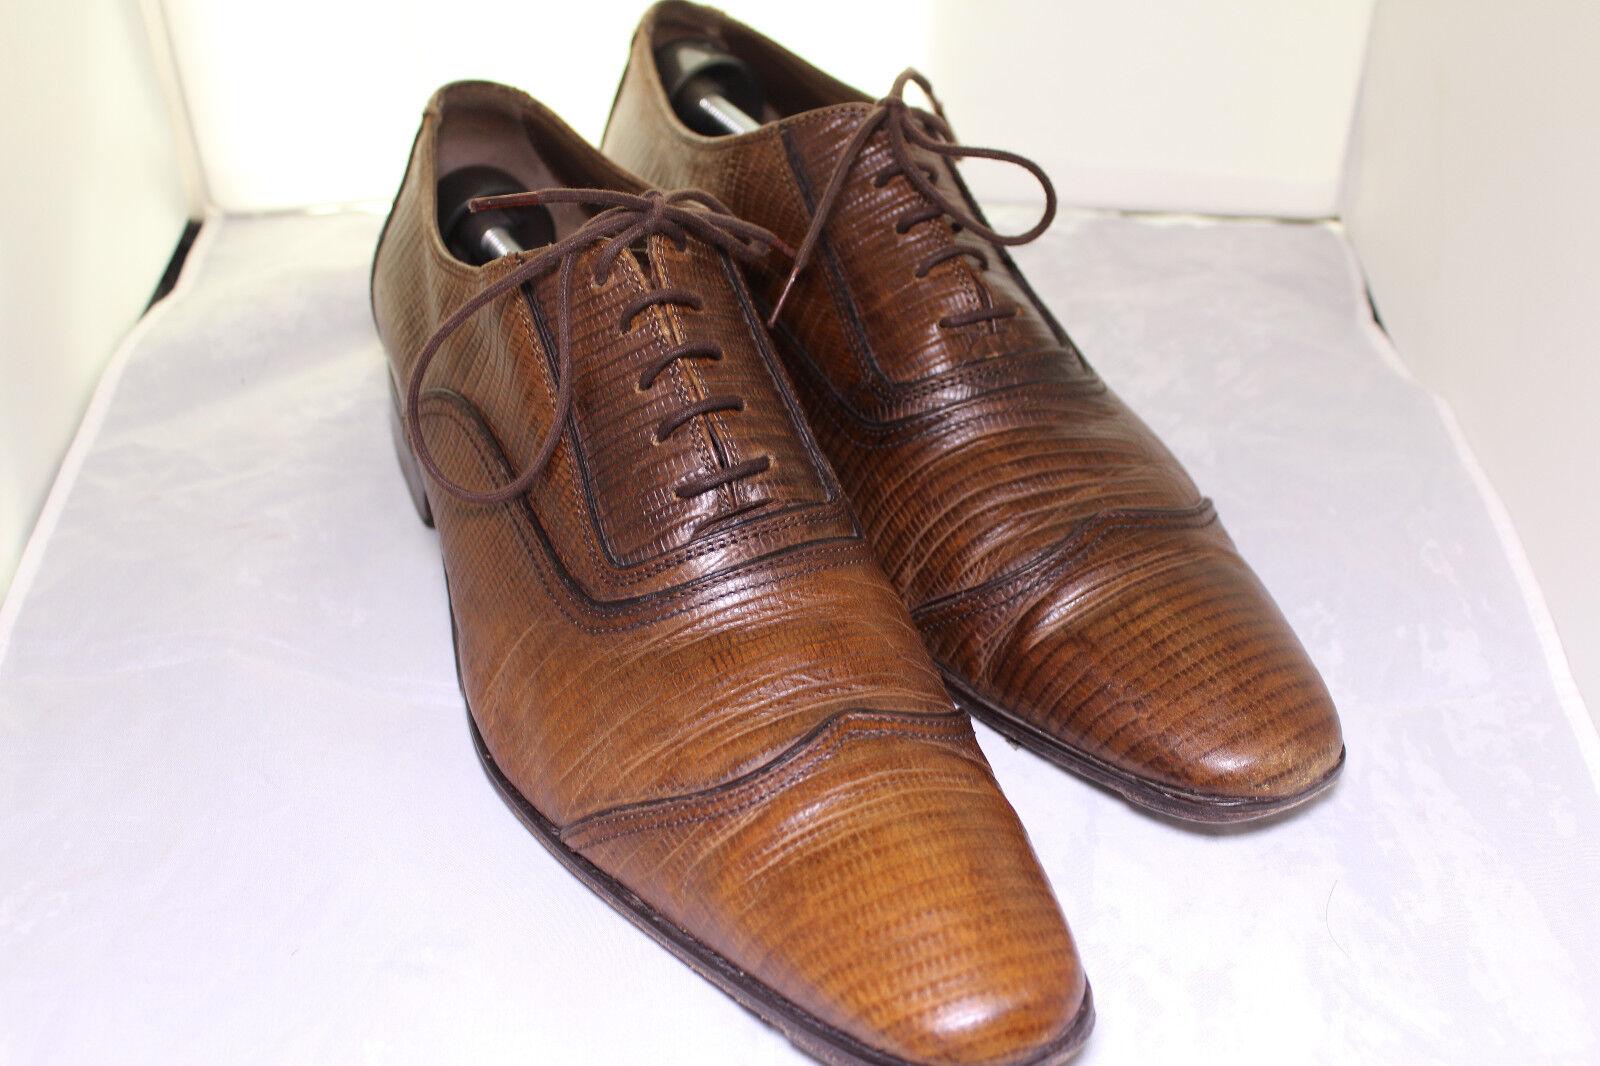 ZARA Classic Brown Leather Shoes WING-TIP LIZARD PRINT OXFORDS Sz 12 EUR 45 Scarpe classiche da uomo